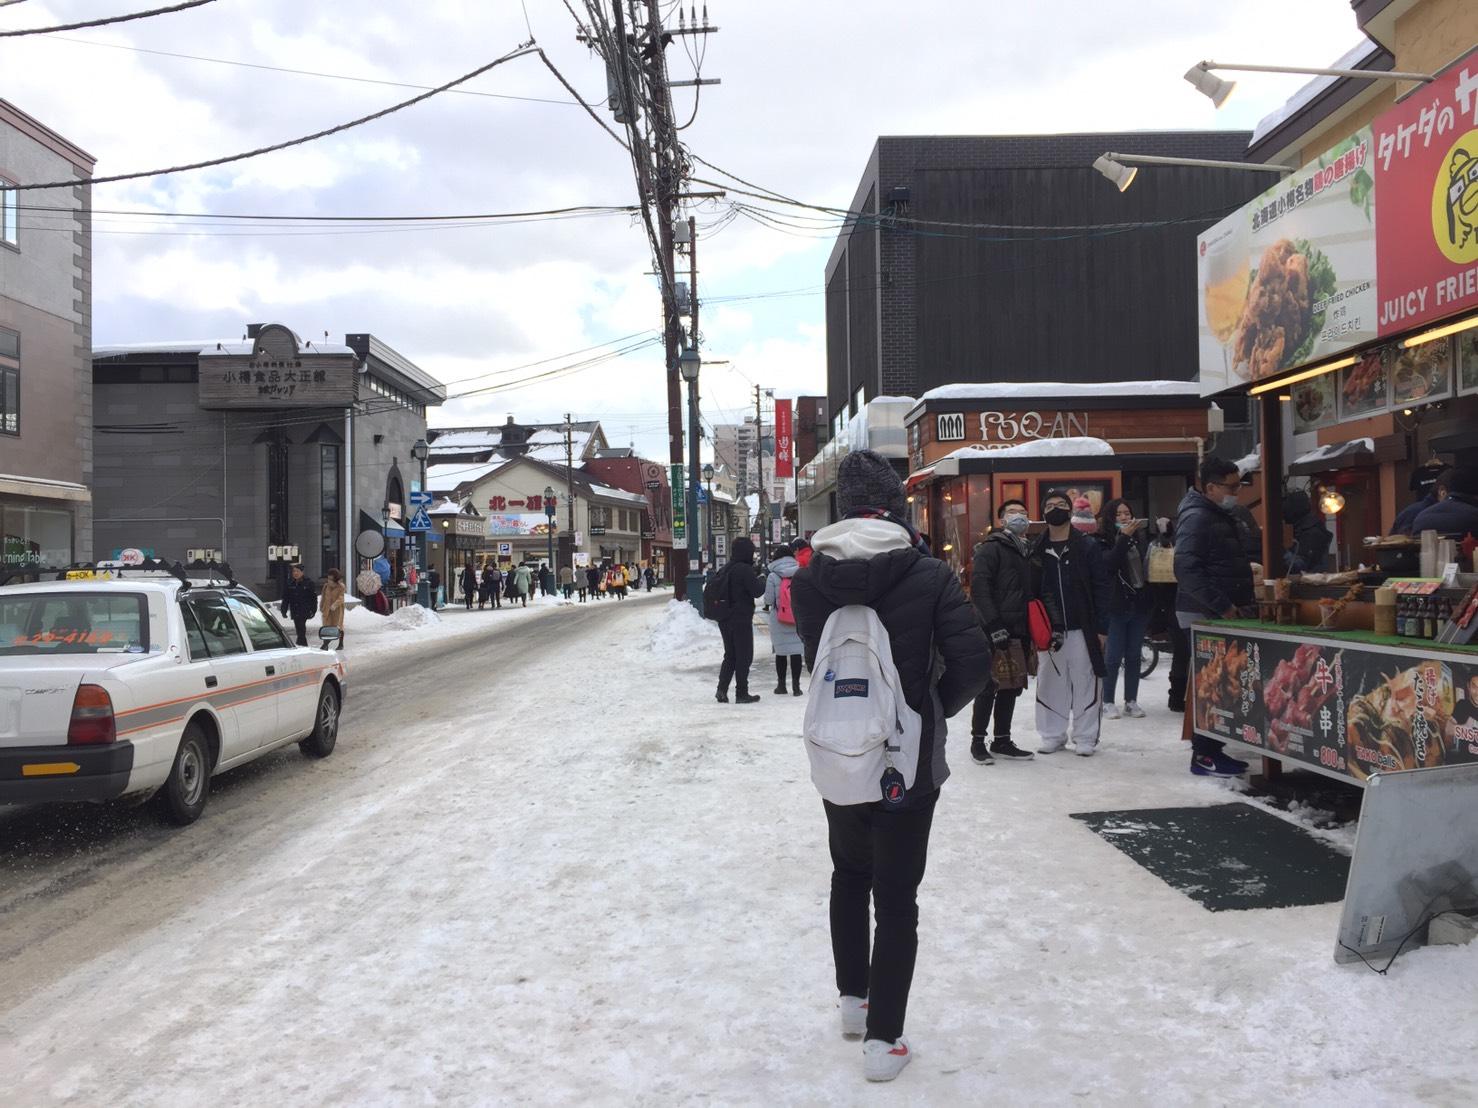 今年春節期間北海道小樽等地也有陸客大量湧來。/圖:劉黎兒提供